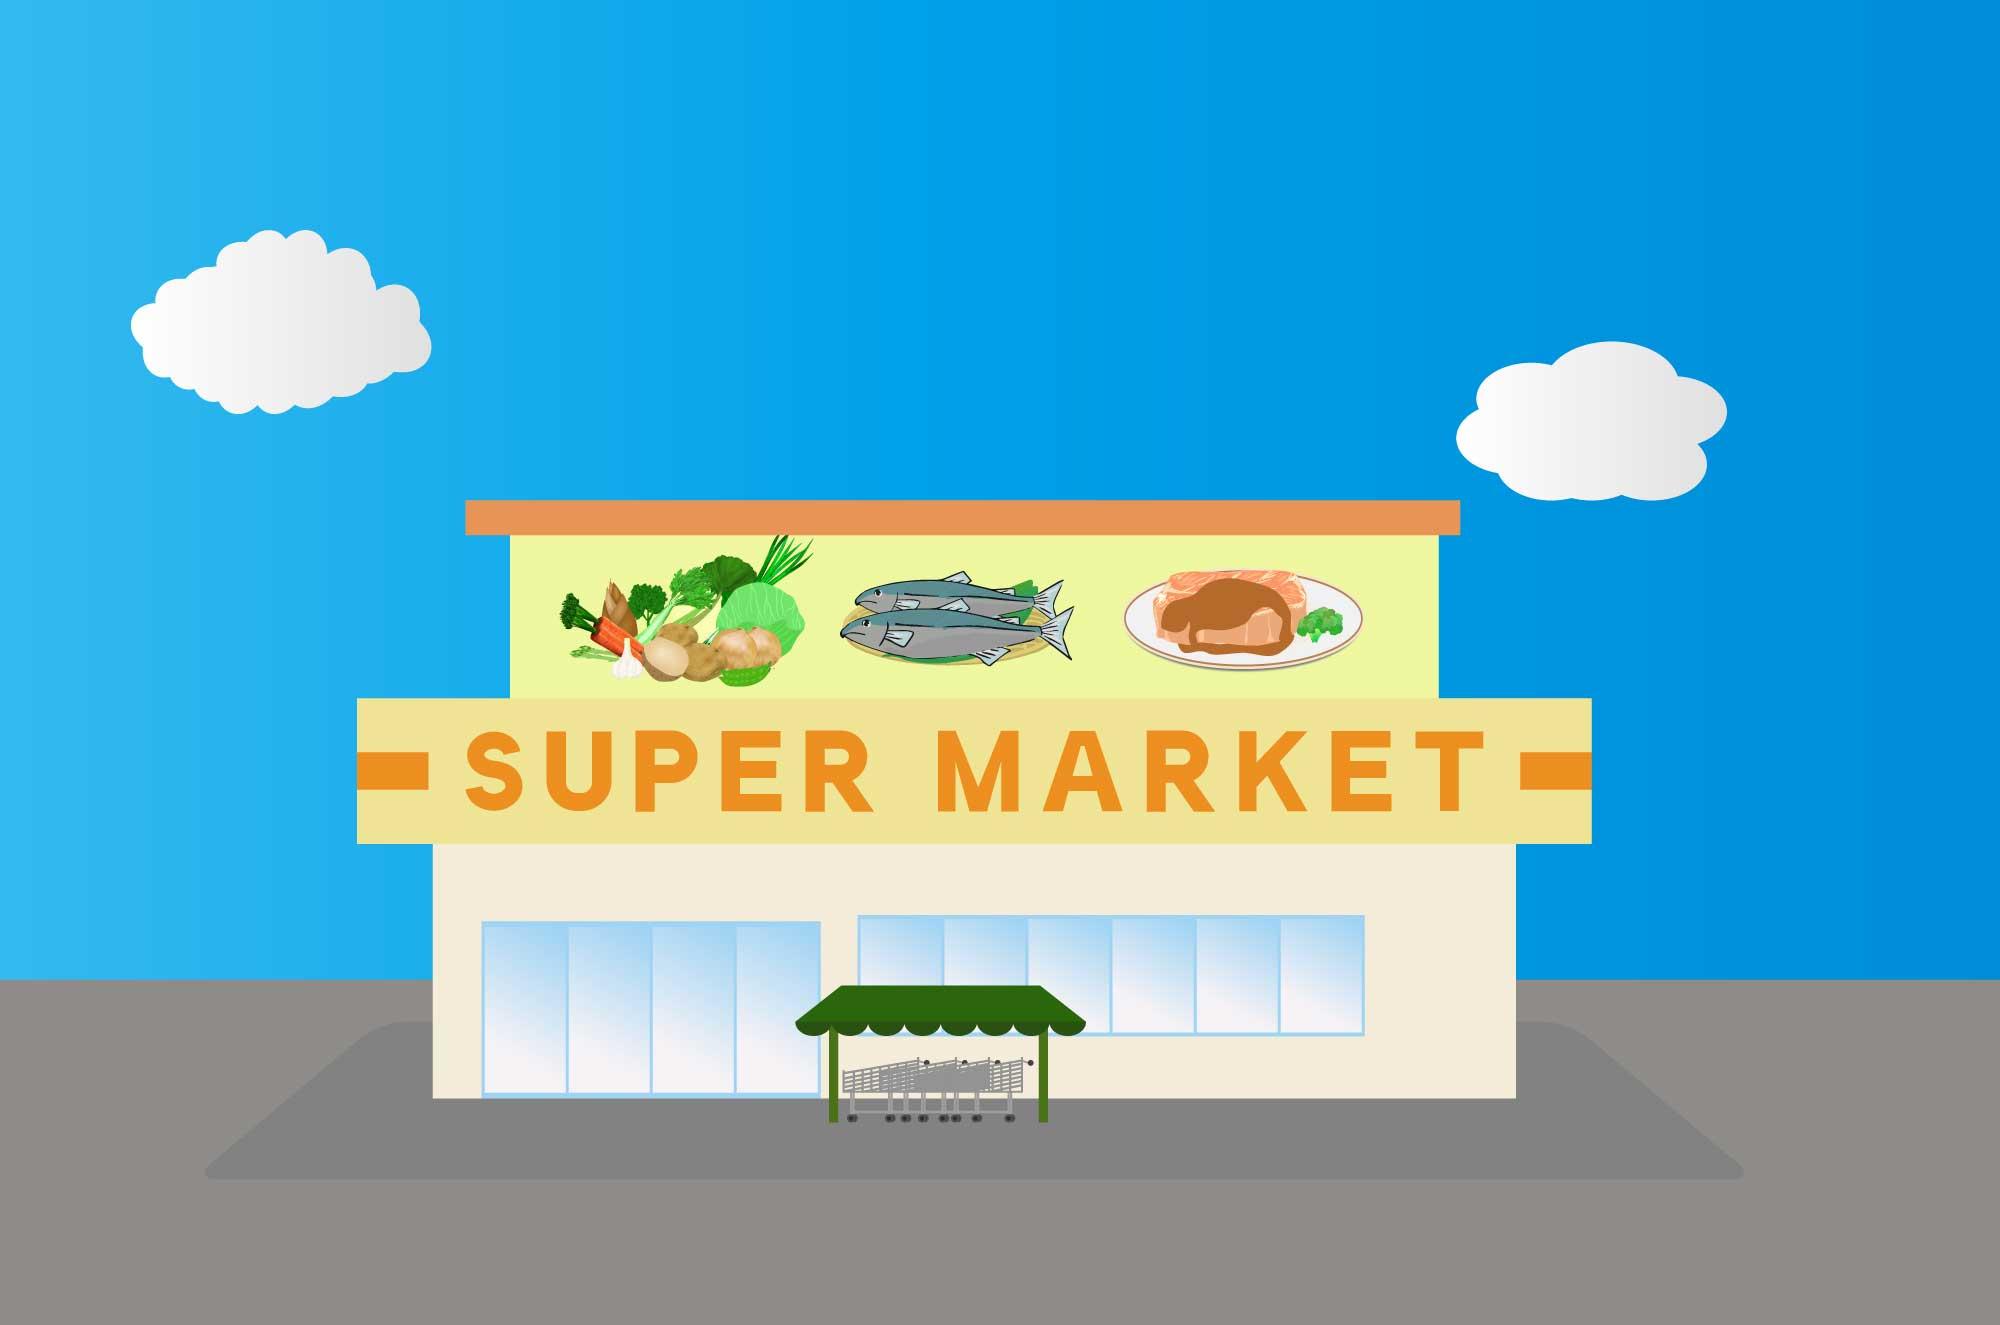 スーパーの無料イラスト - 食品販売する建物素材